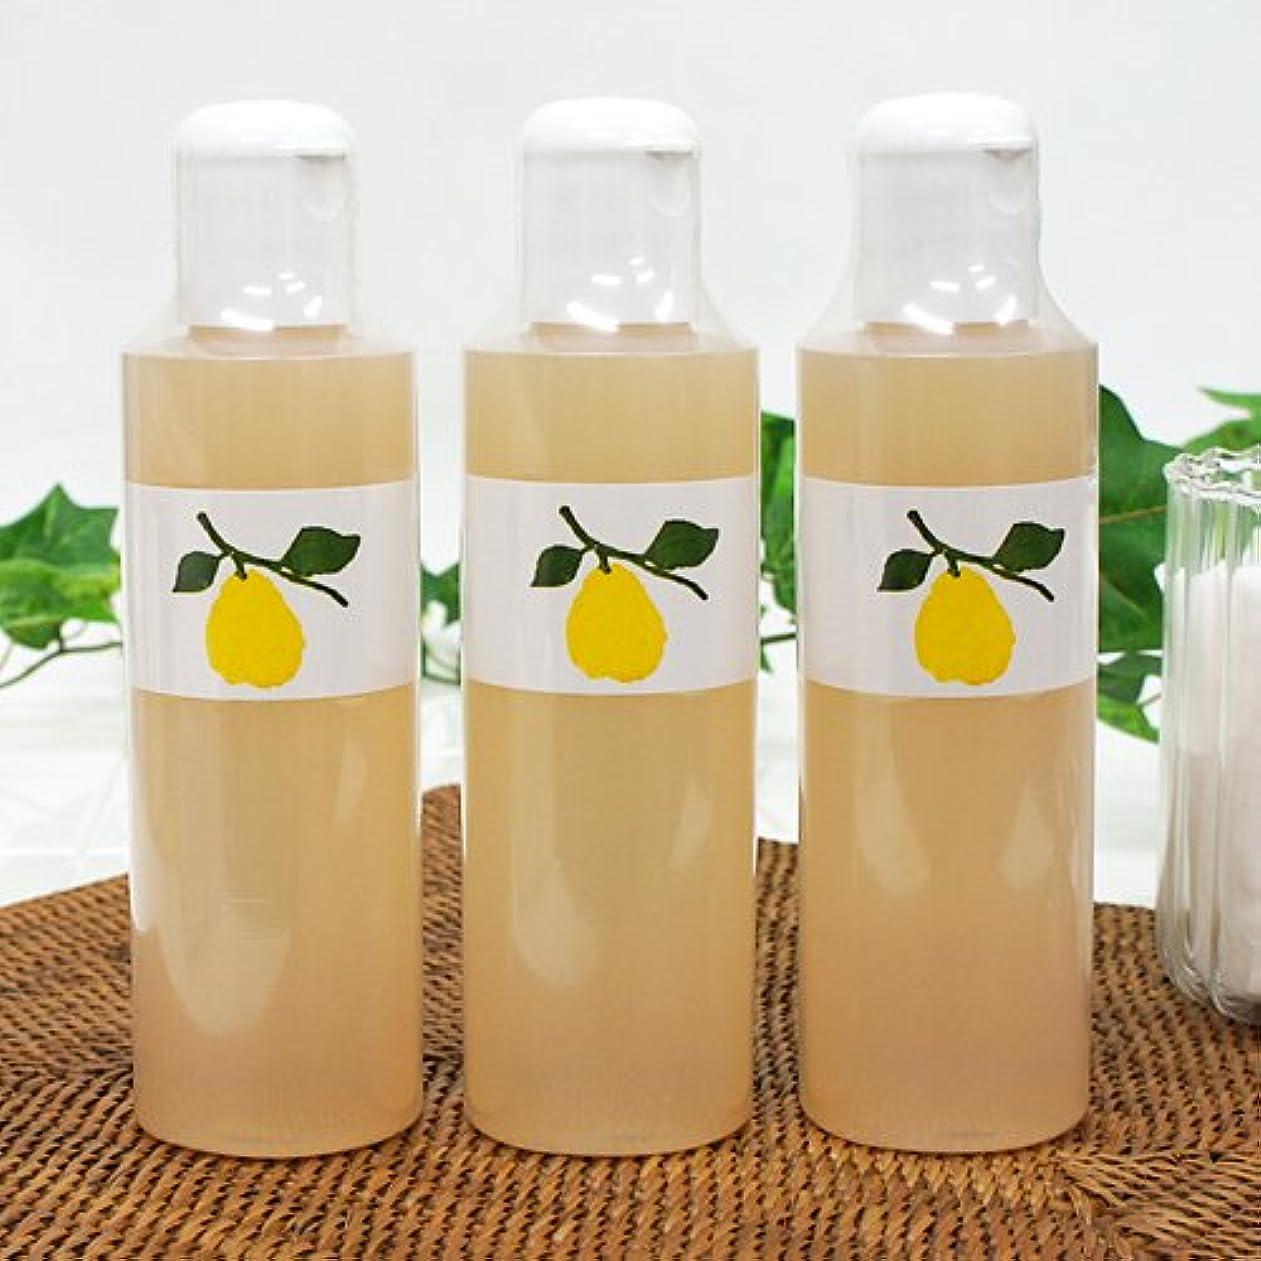 パワーセルストラトフォードオンエイボン順応性のある花梨の化粧水 200ml 3本セット